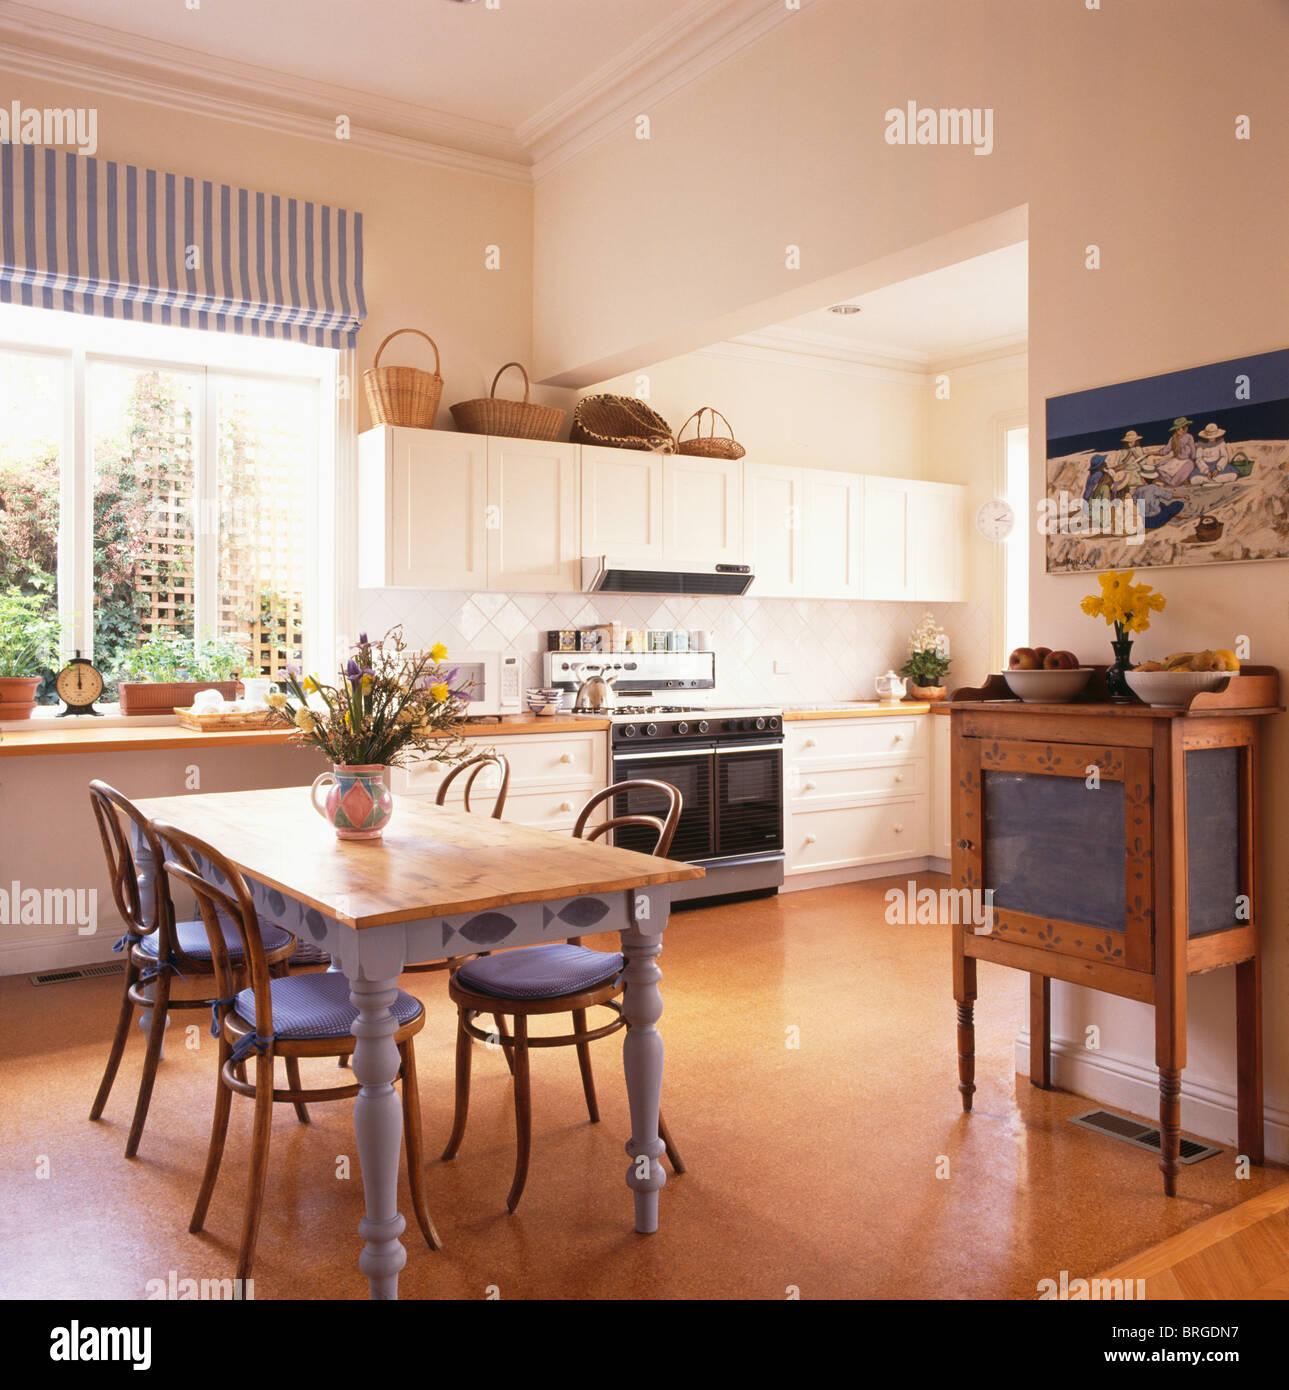 Korkboden in moderne Küche Esszimmer mit Bugholzstühle mit blauen